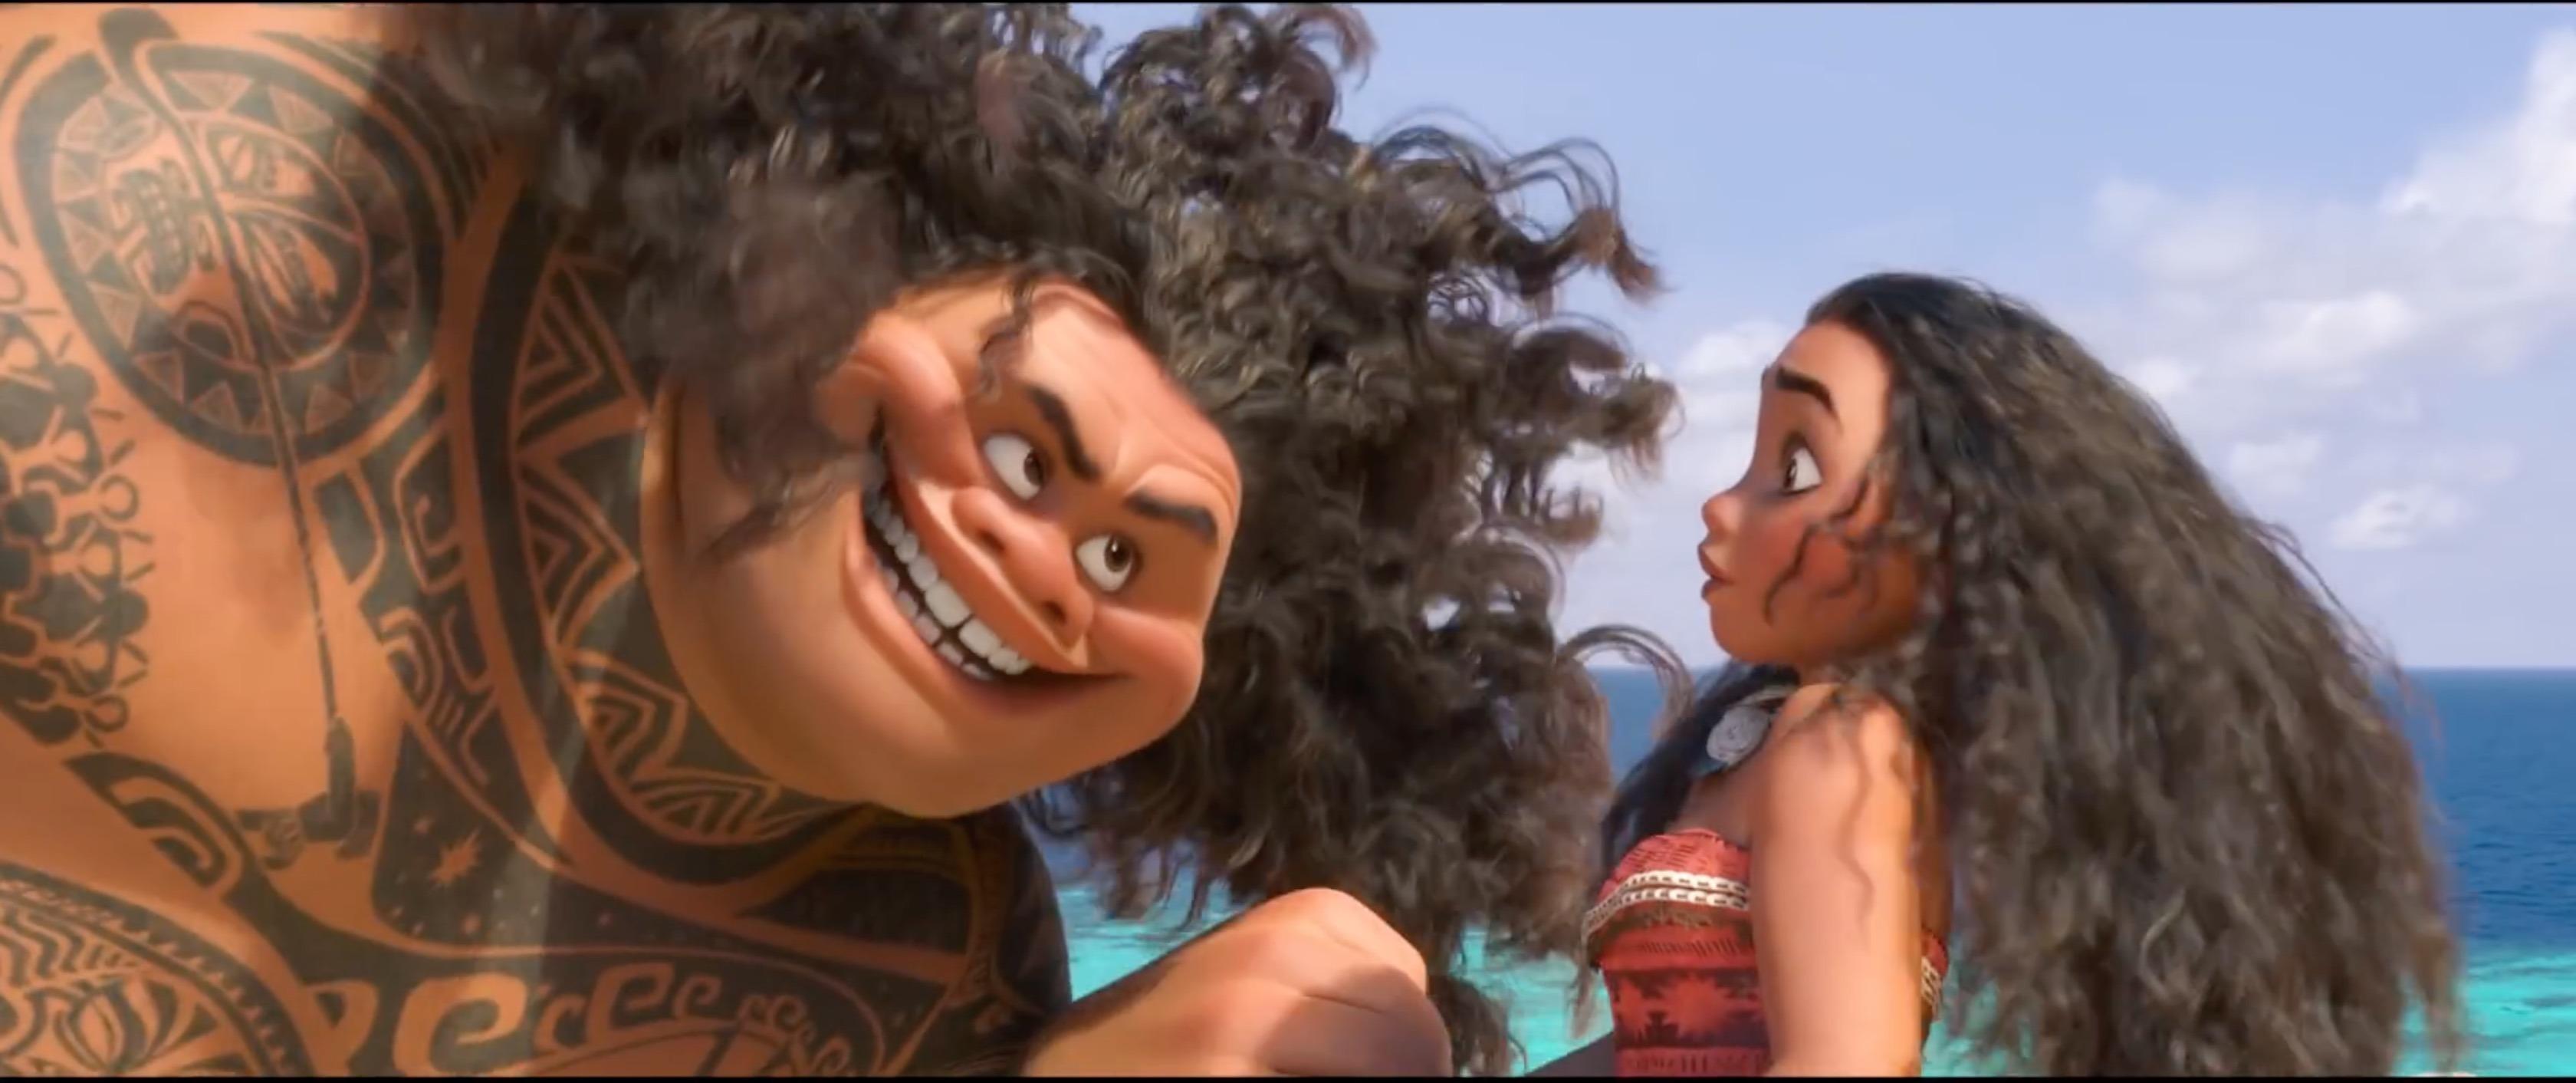 Semi deus Maui e Moana